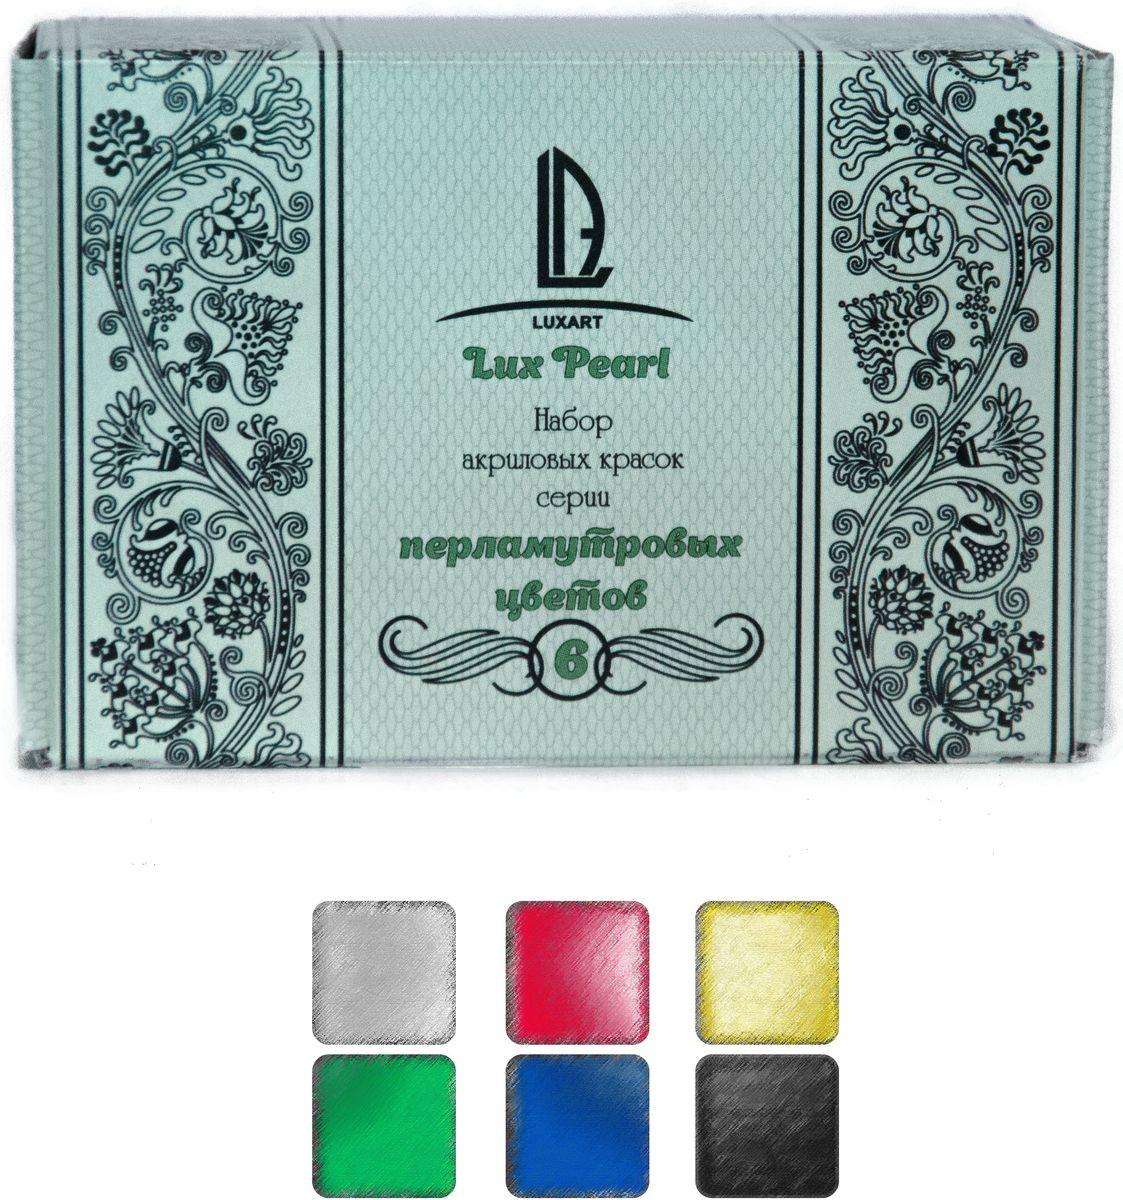 Luxart Набор акриловых красок LuxSet Pearl 6 цветов 20 мл